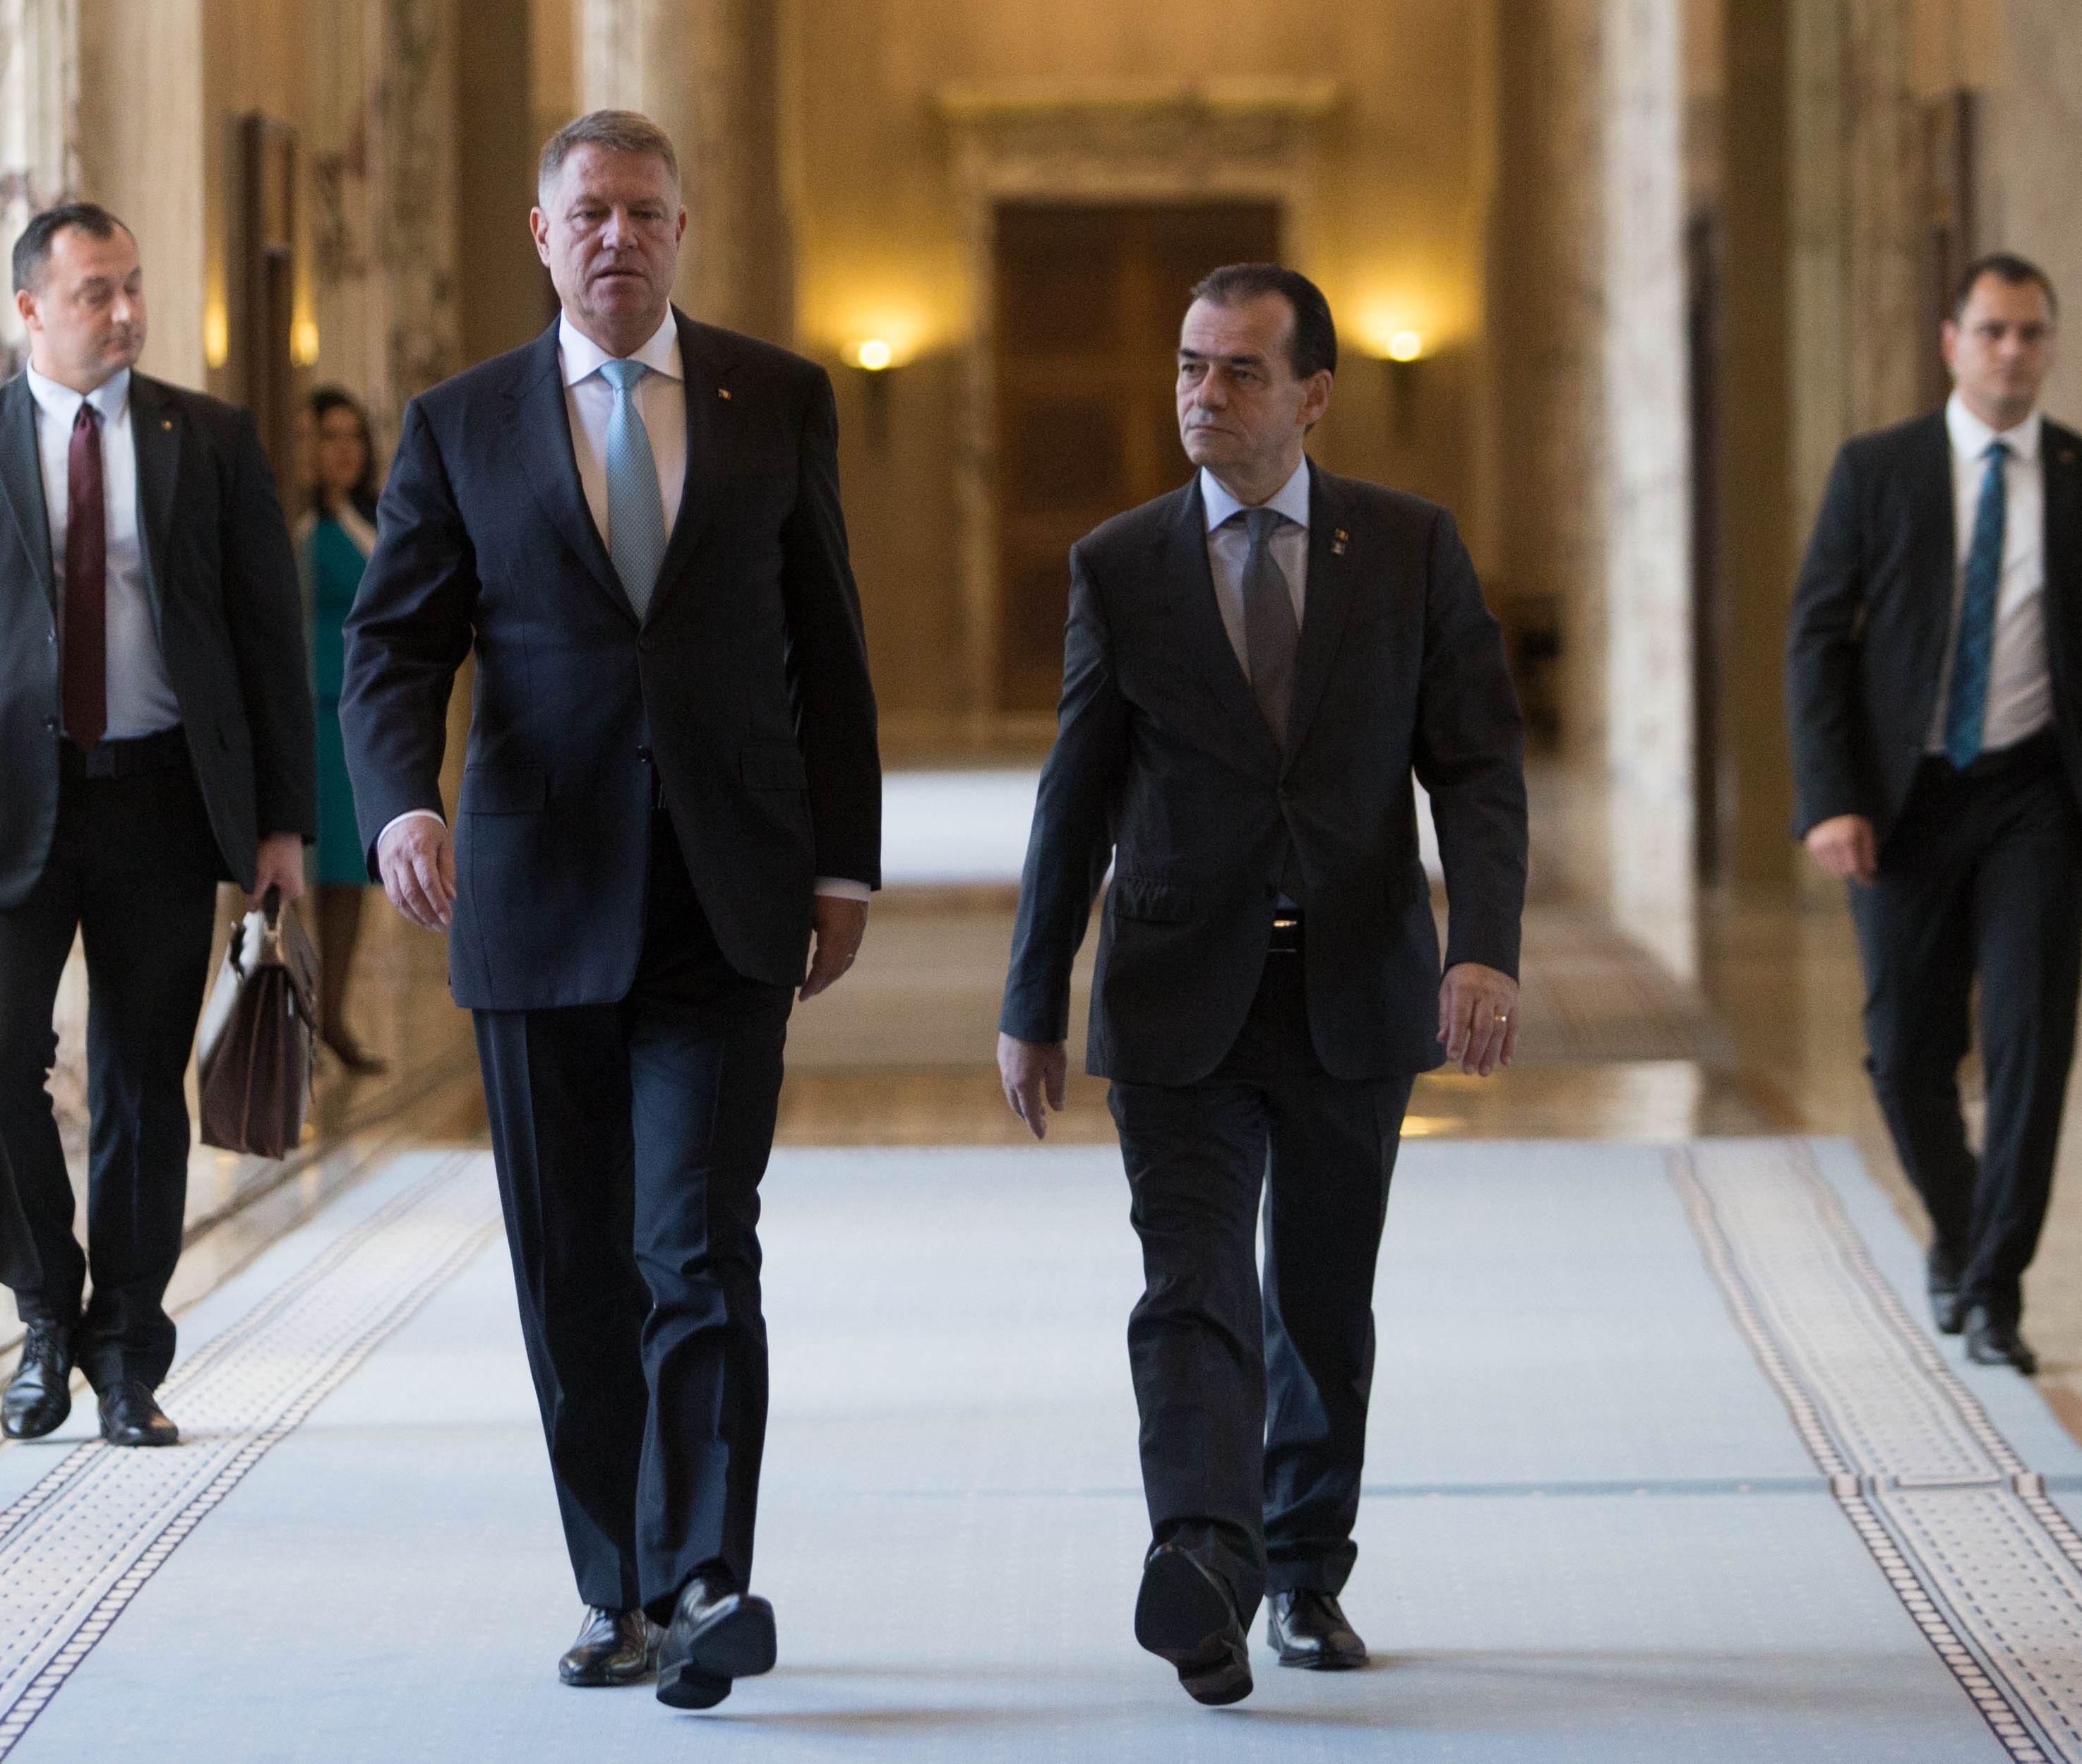 În sfârşit: Preşedintele Iohannis şi premierul Orban vor prezenta miercuri, la ora 18:00, în grădina Clubului Diplomatic, planul de relansare economică a României elaborat din Guvern